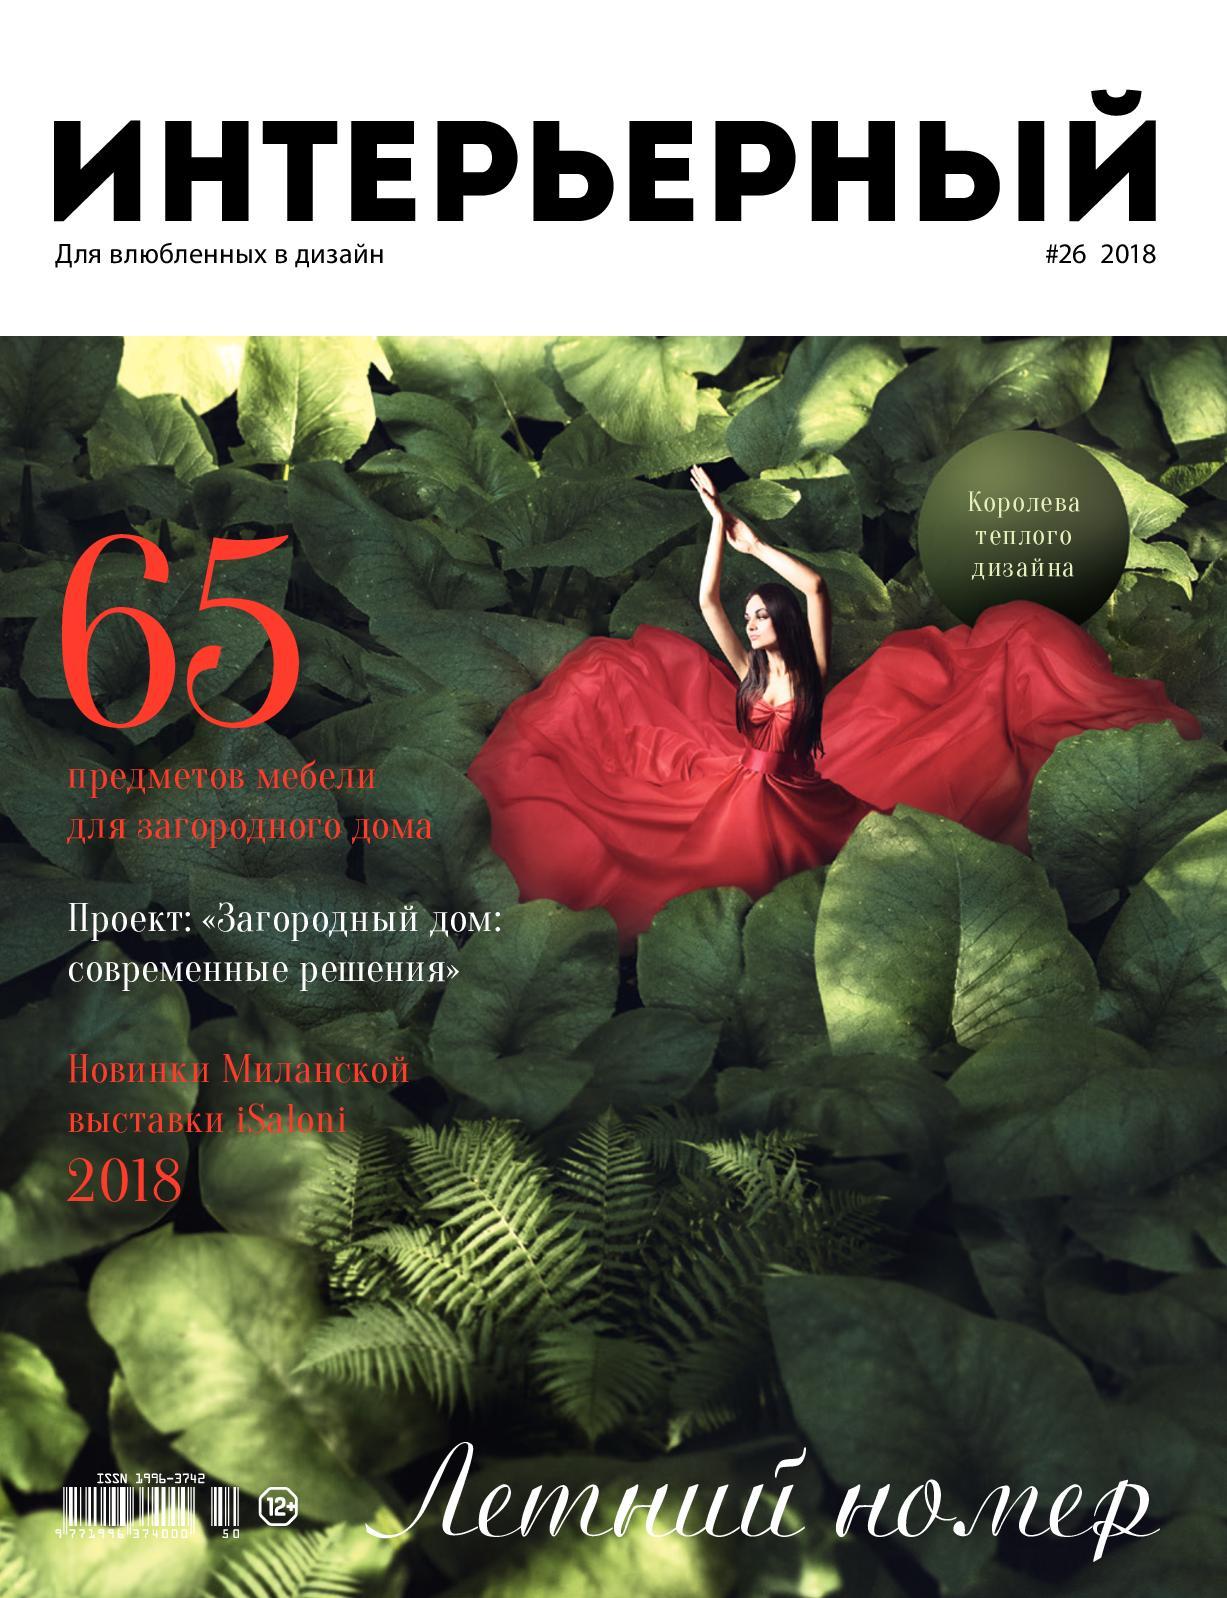 #26 Интерьерный Пермь (Летний номер)